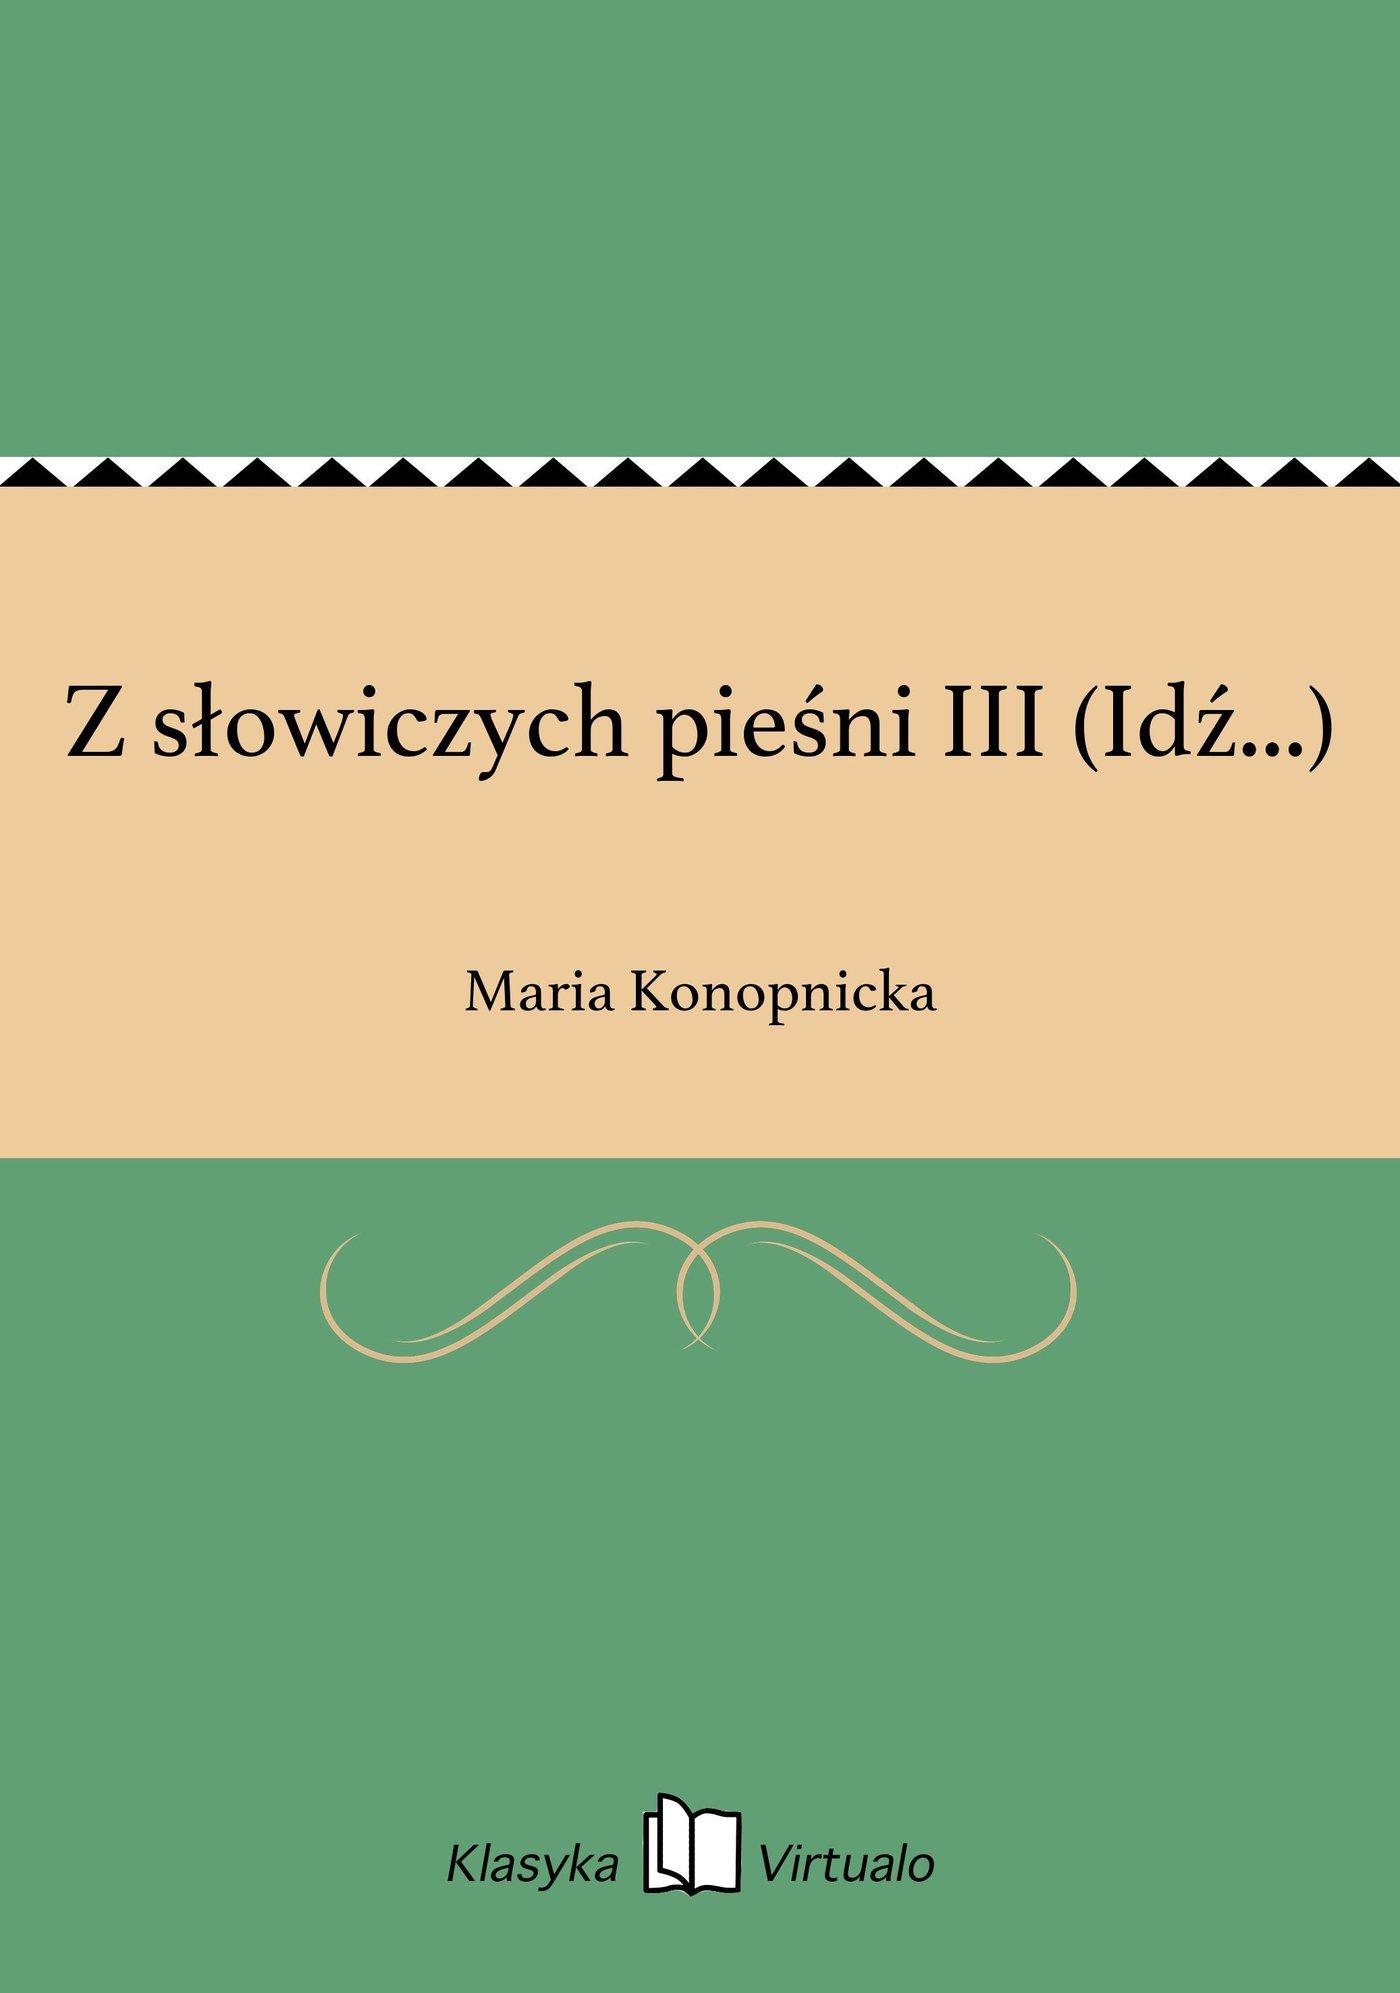 Z słowiczych pieśni III (Idź...) - Ebook (Książka EPUB) do pobrania w formacie EPUB